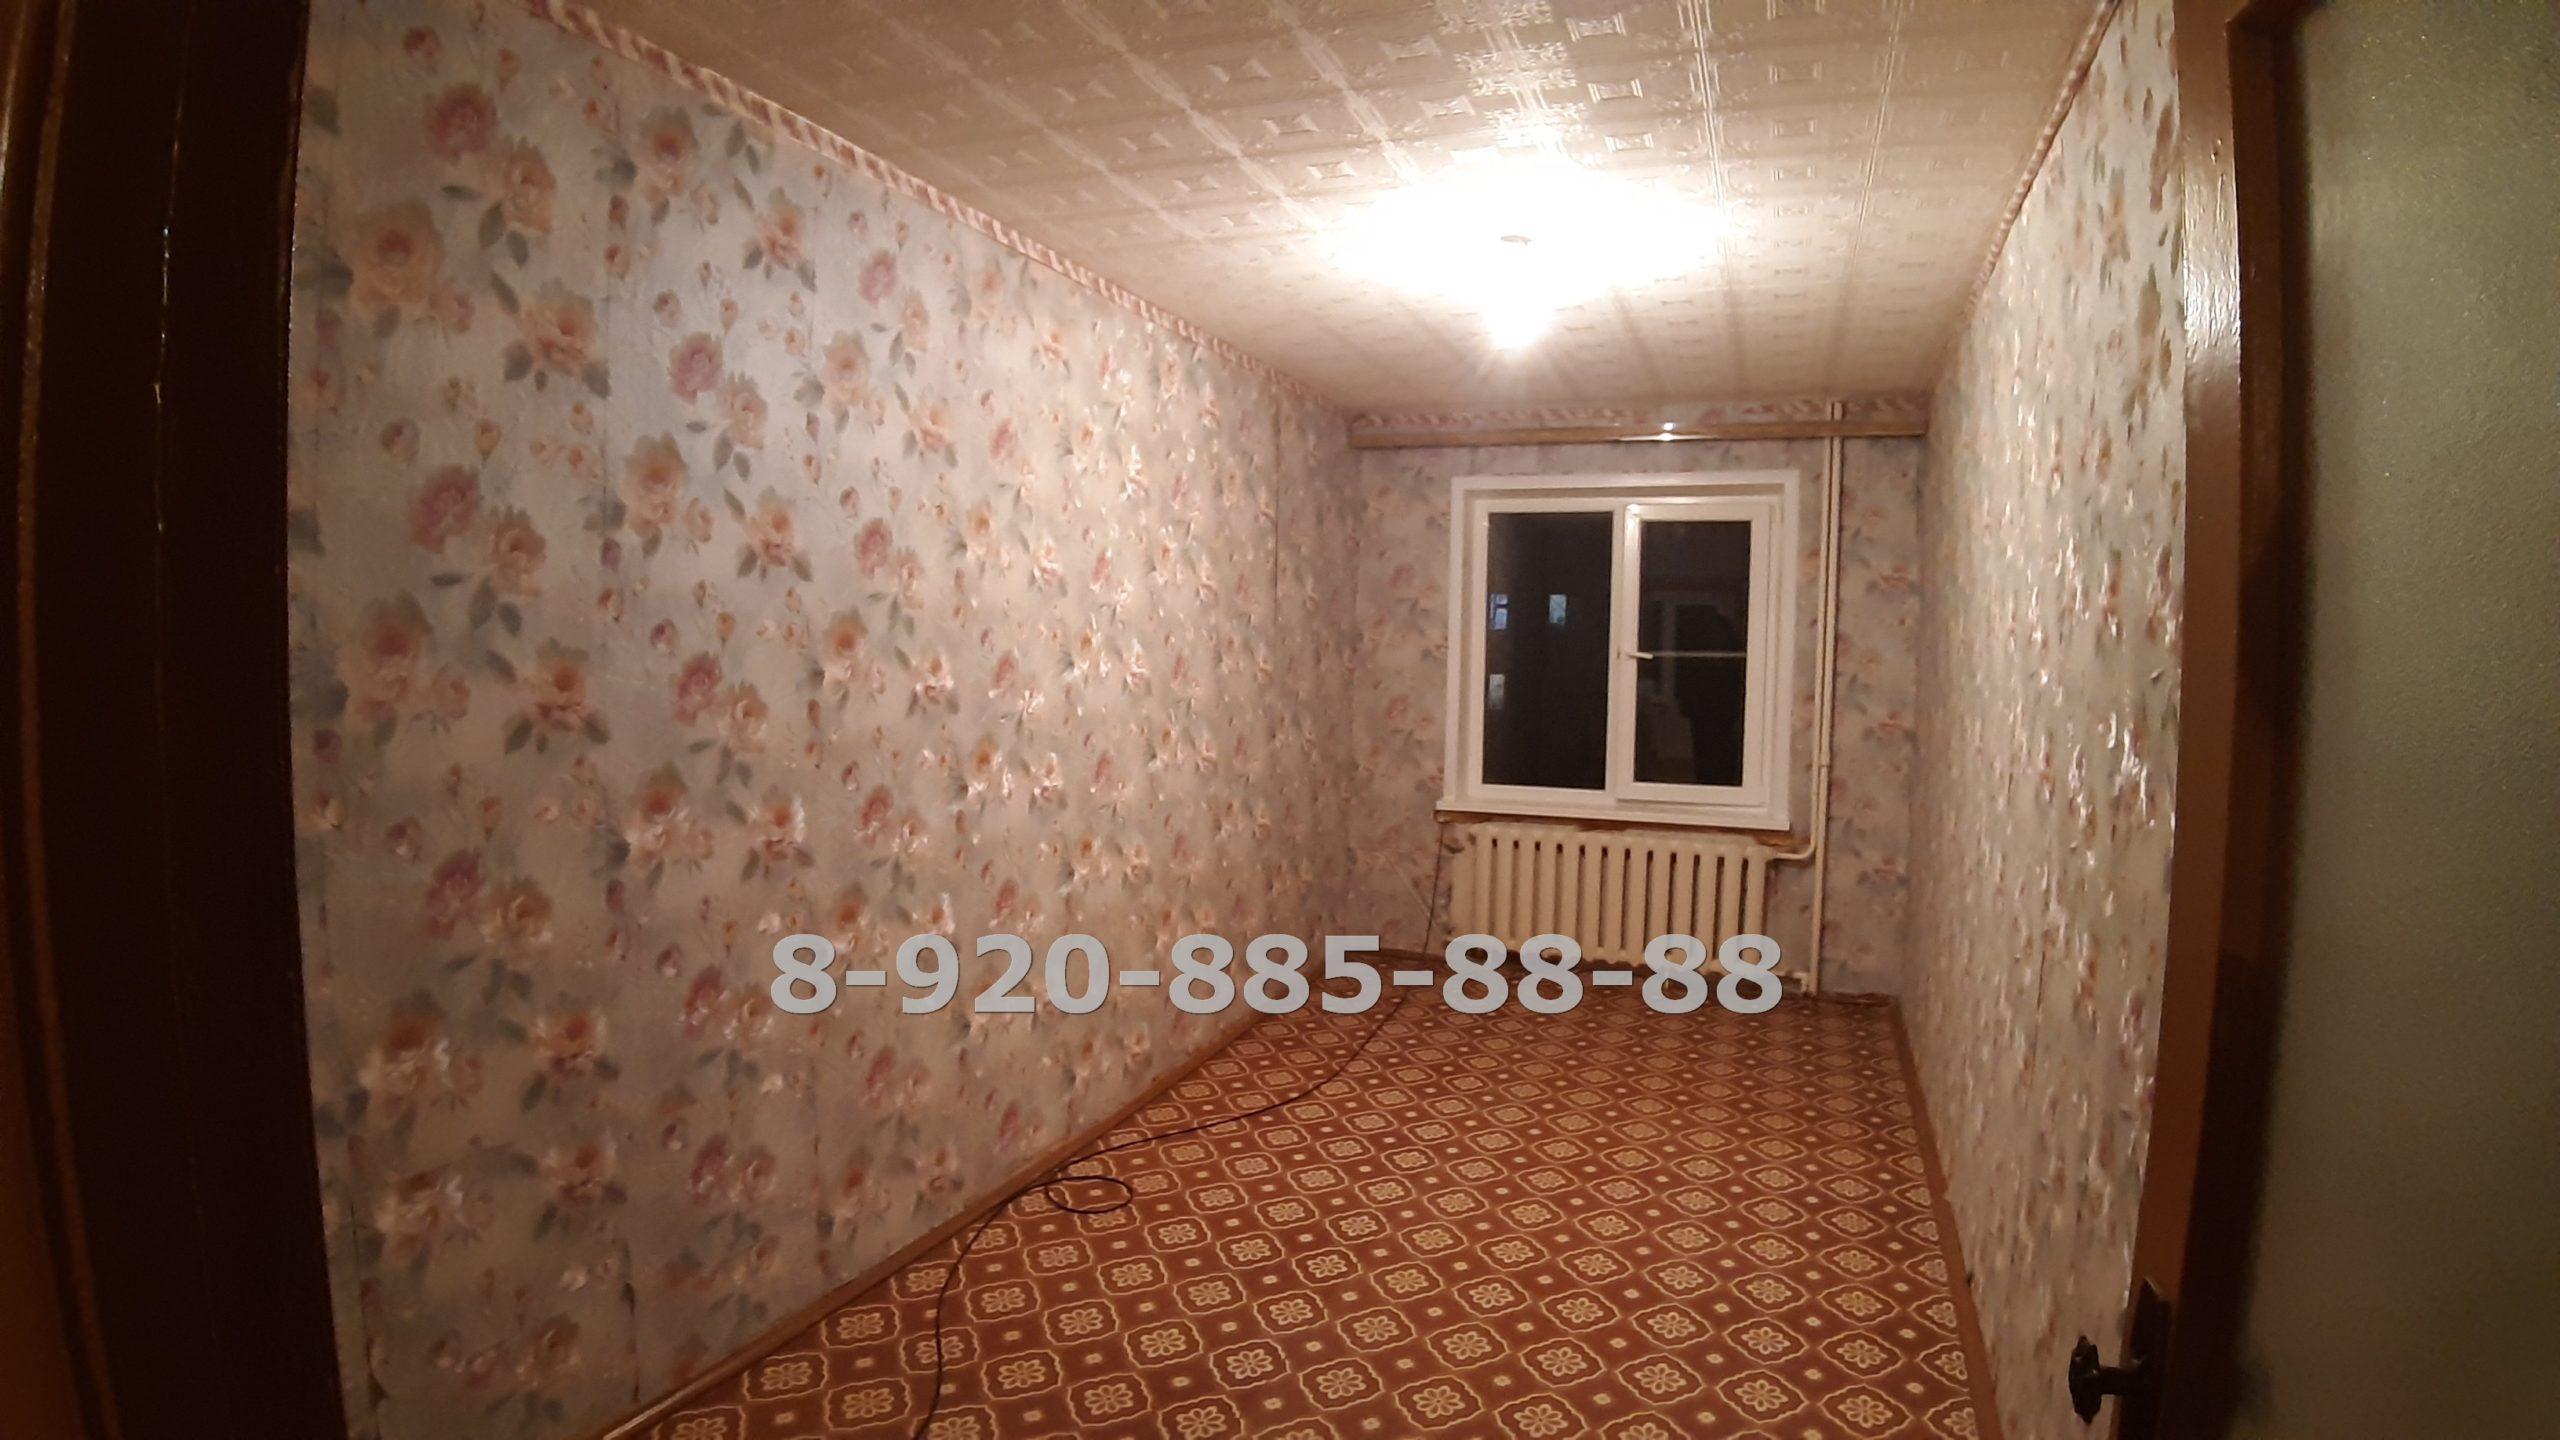 2 Комната. Продается трехкомнатная квартира площадью 70 кв.м. поселок Пятовский Дзержинский р-н Калужская обл., Покупка 3 комнатной квартиры в Пятовский Комарова 1.200.000. 8-920-885-8888